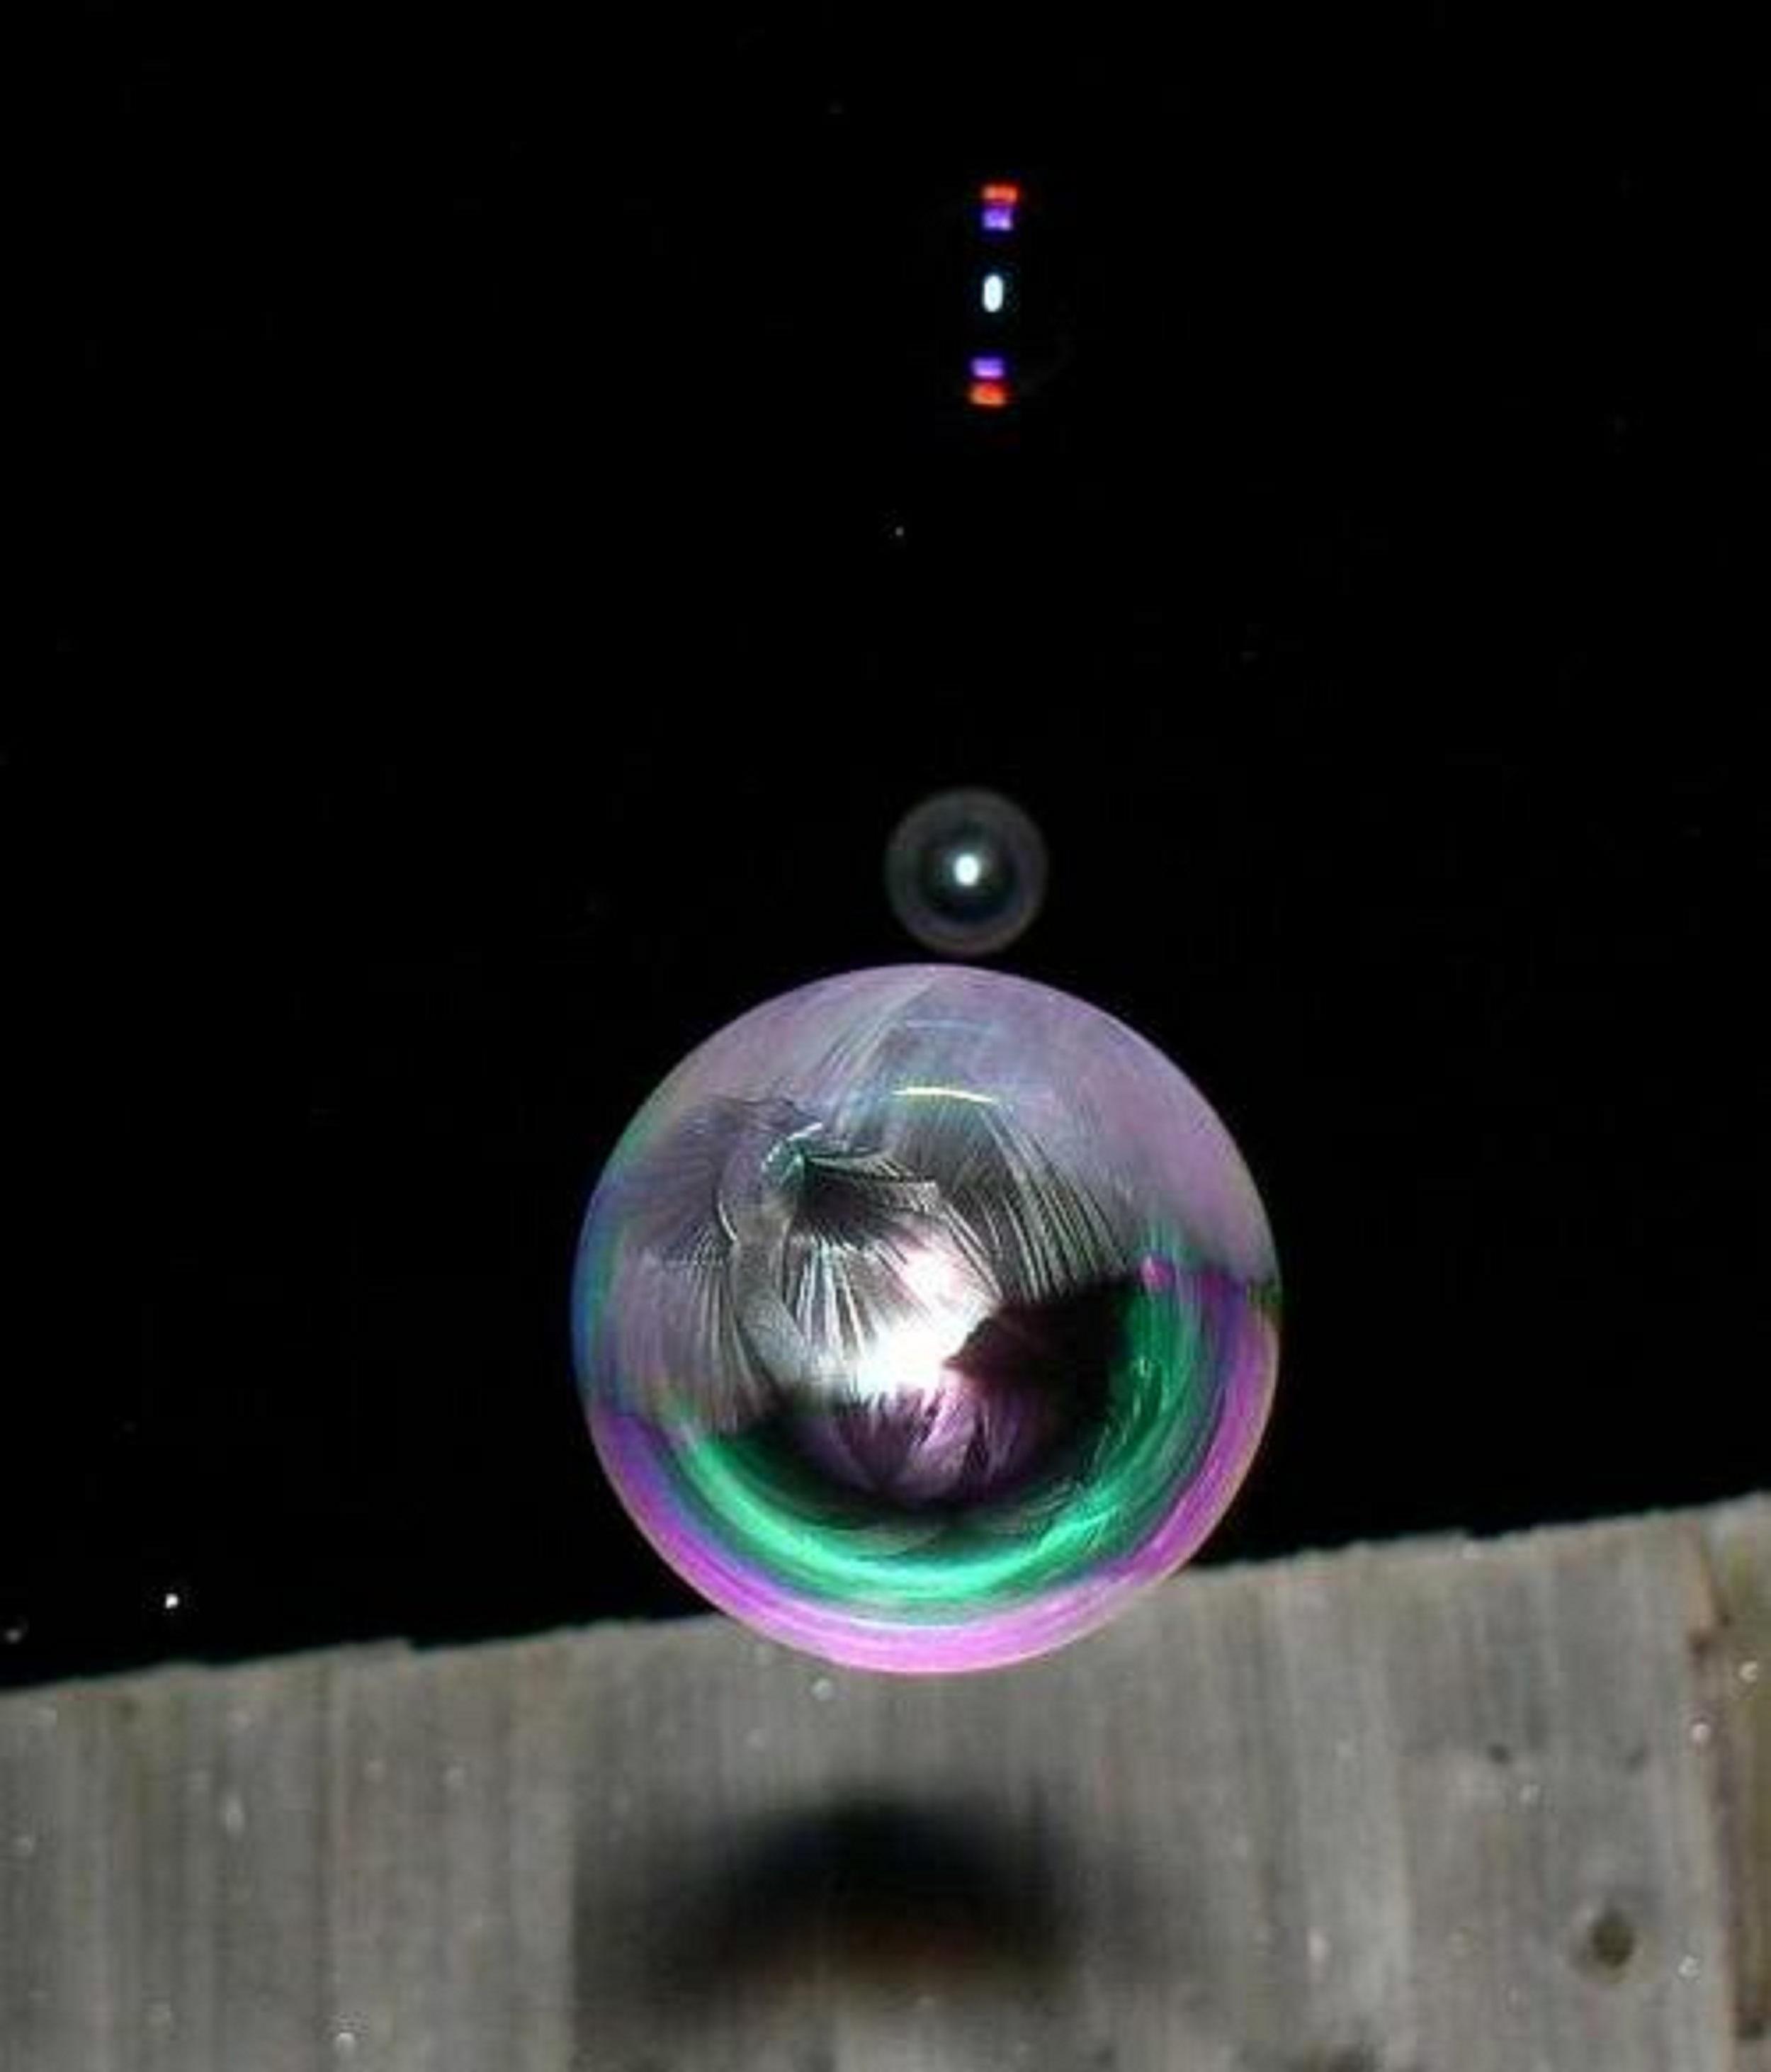 frozen-bubbles-angela-kelly-13